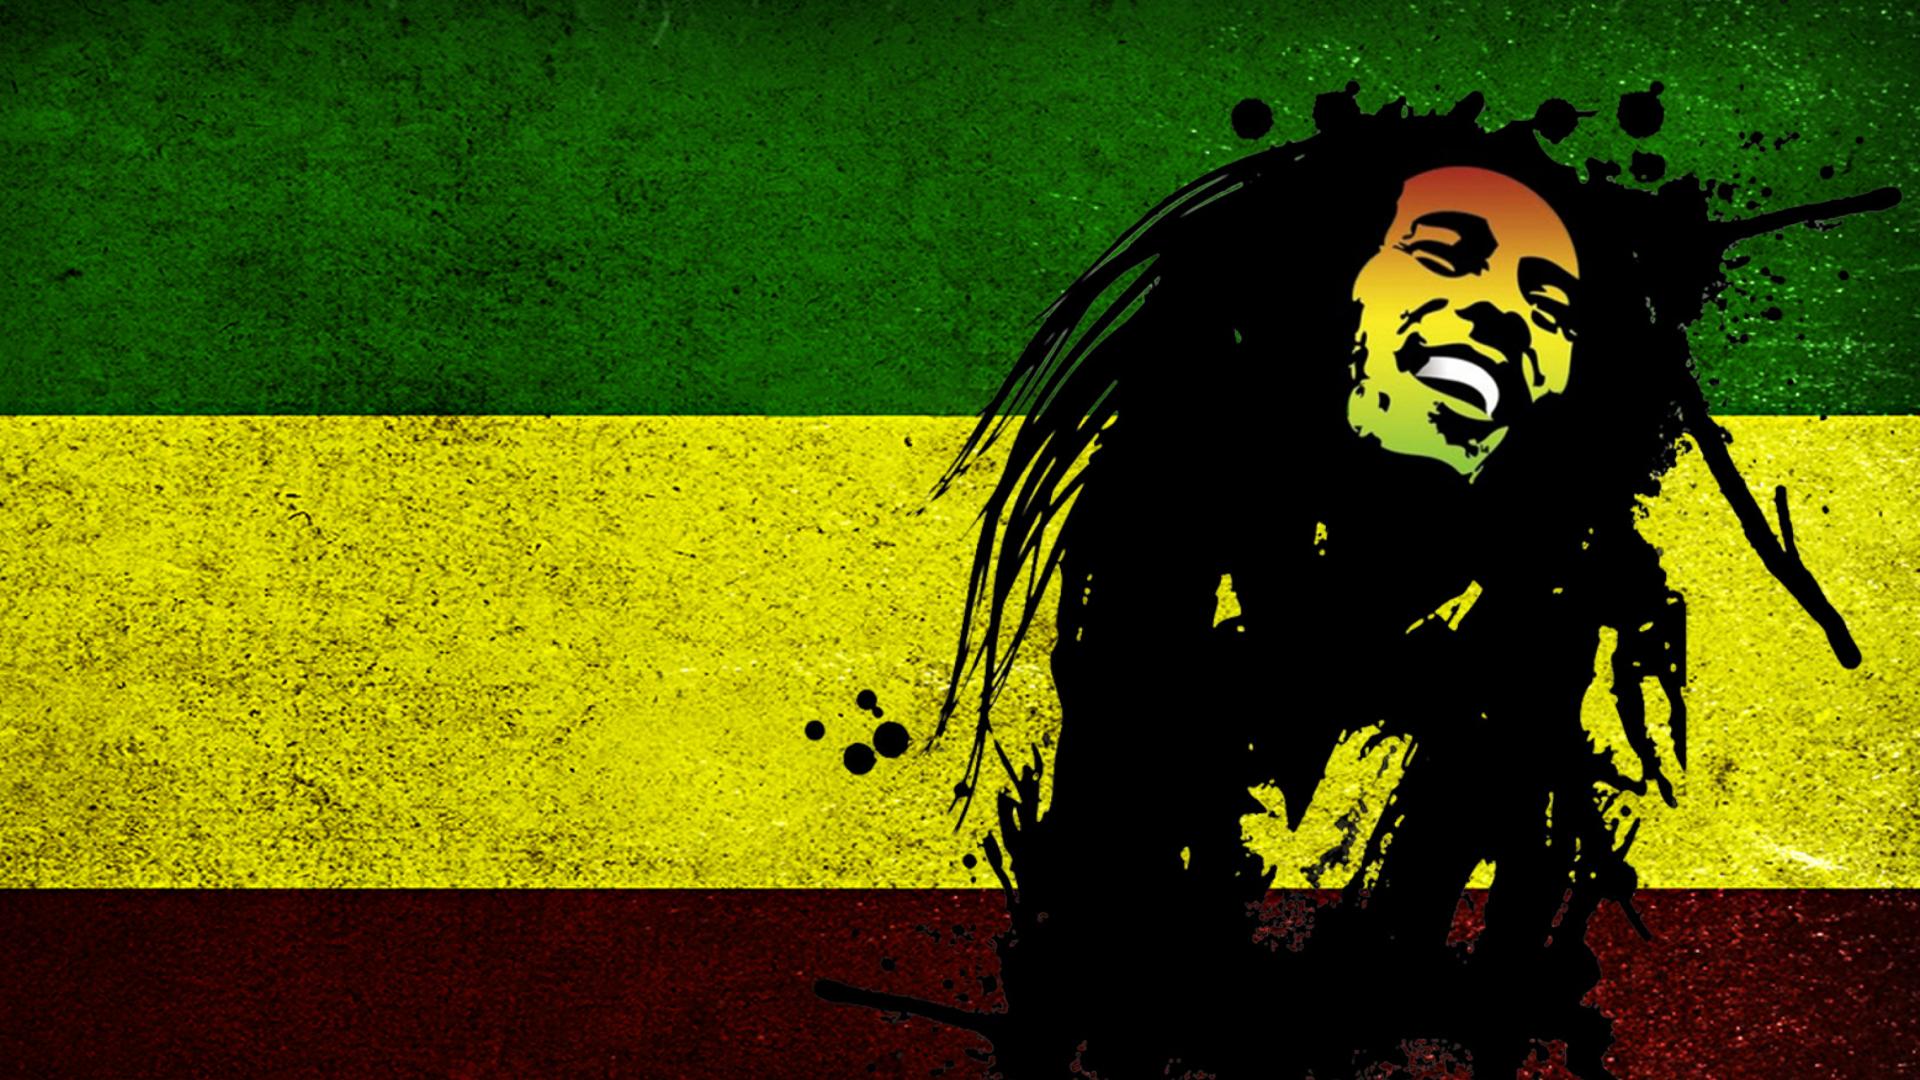 Bob Marley Rasta Reggae Culture for Desktop 1920x1080 Full HD